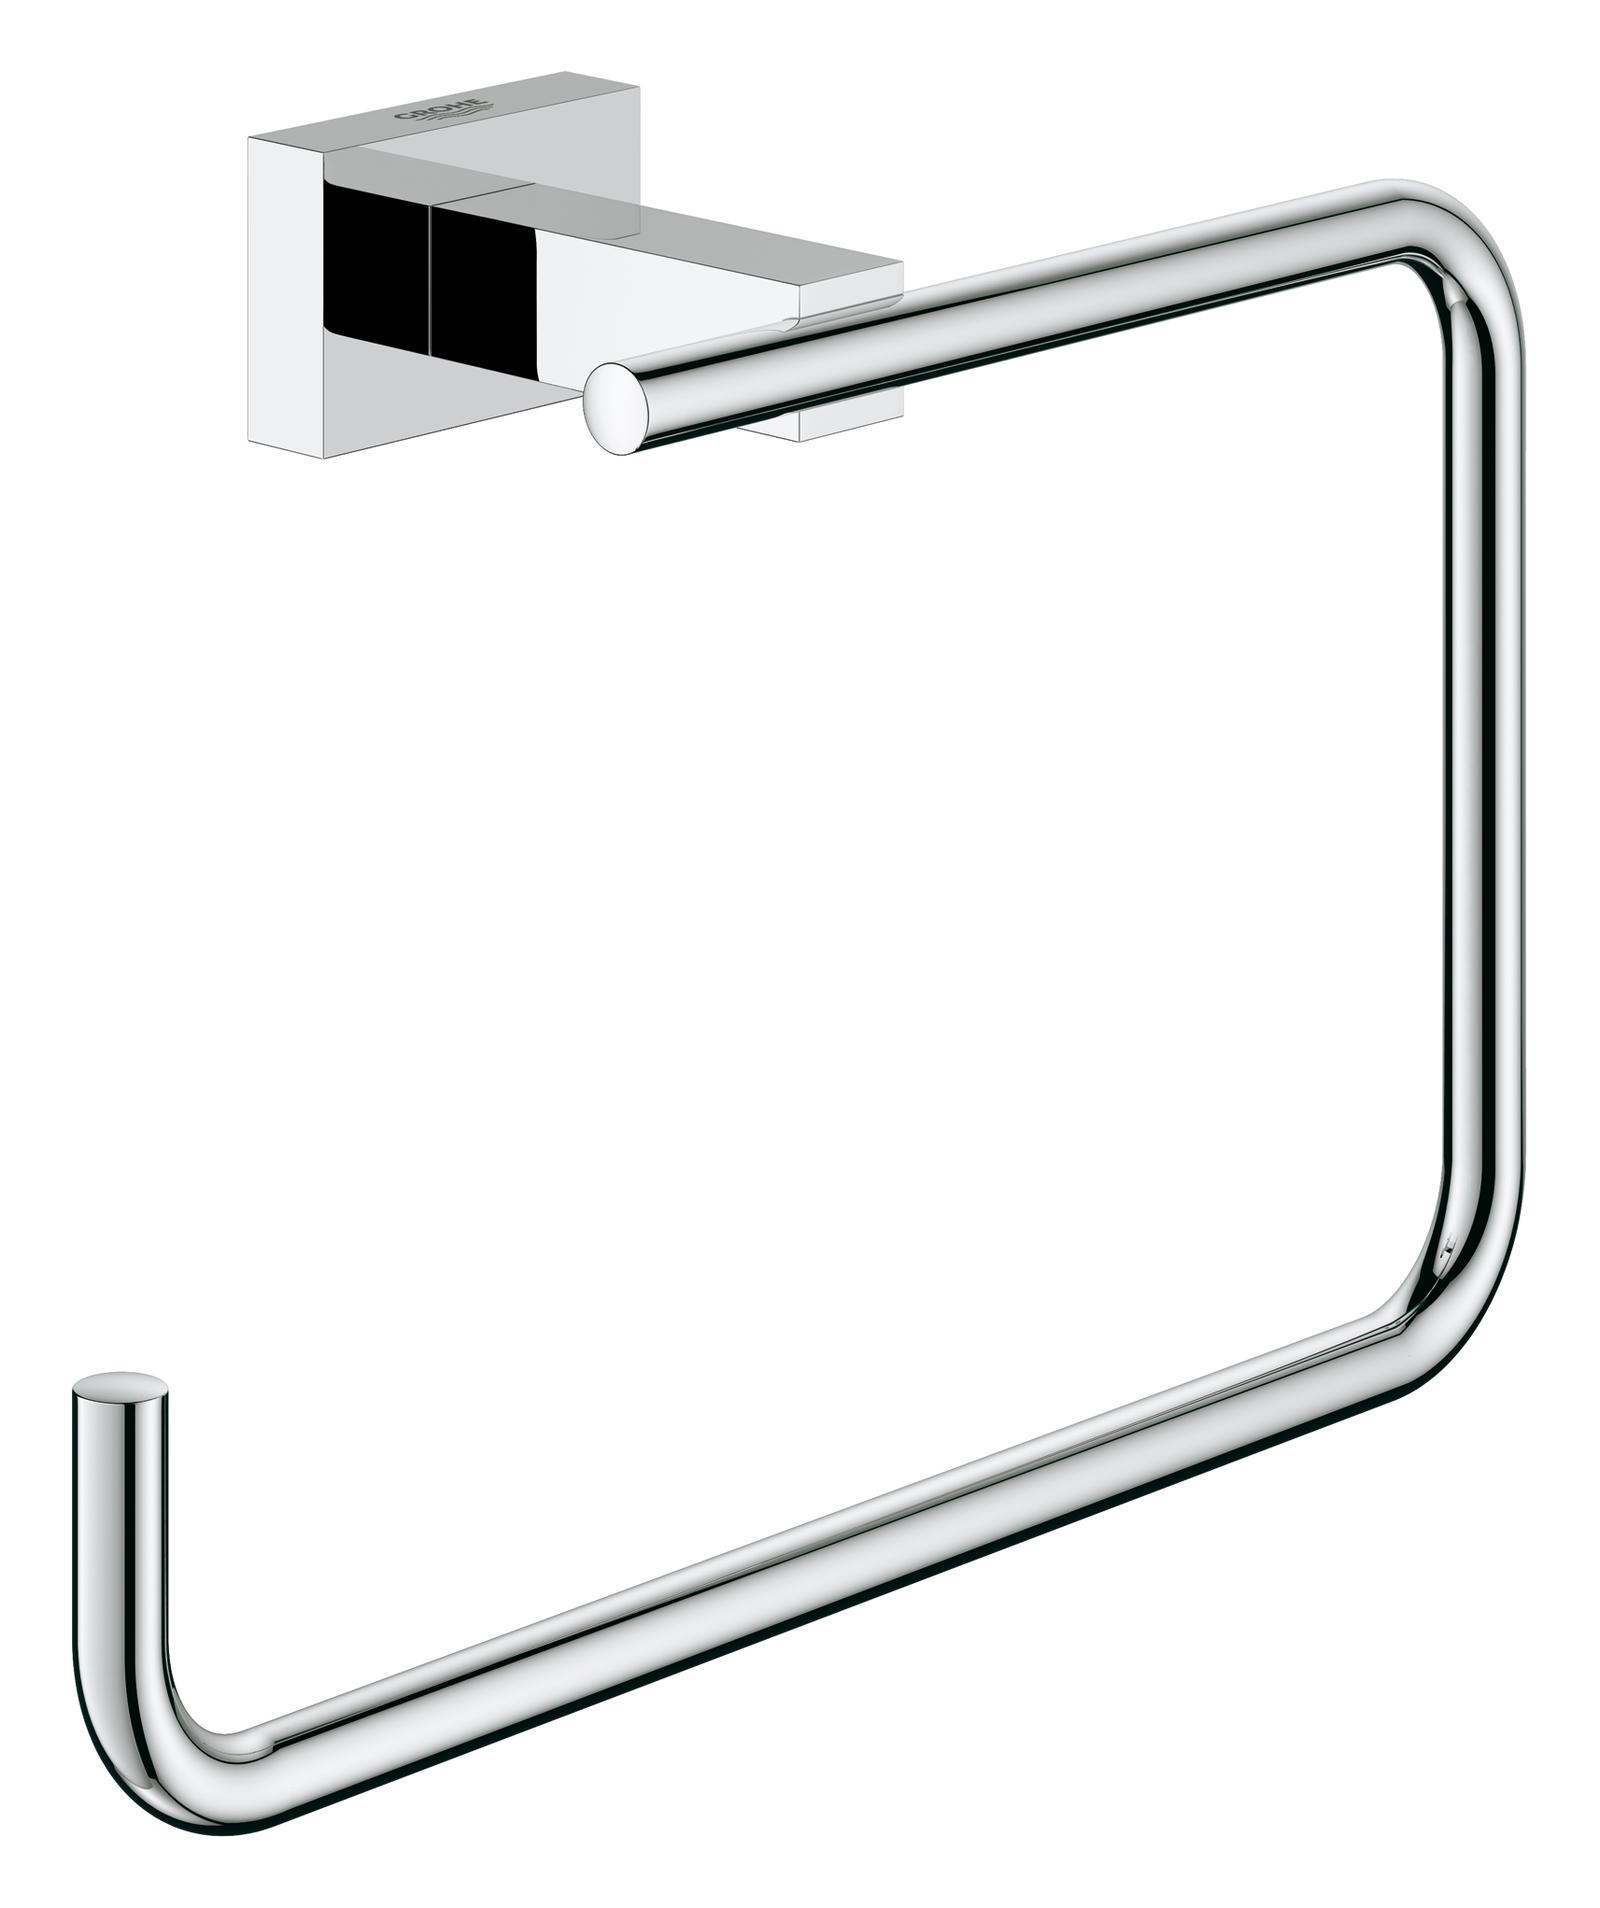 Grohe Essentials Cube : grohe essentials cube towel ring chrome xtwostore ~ Watch28wear.com Haus und Dekorationen